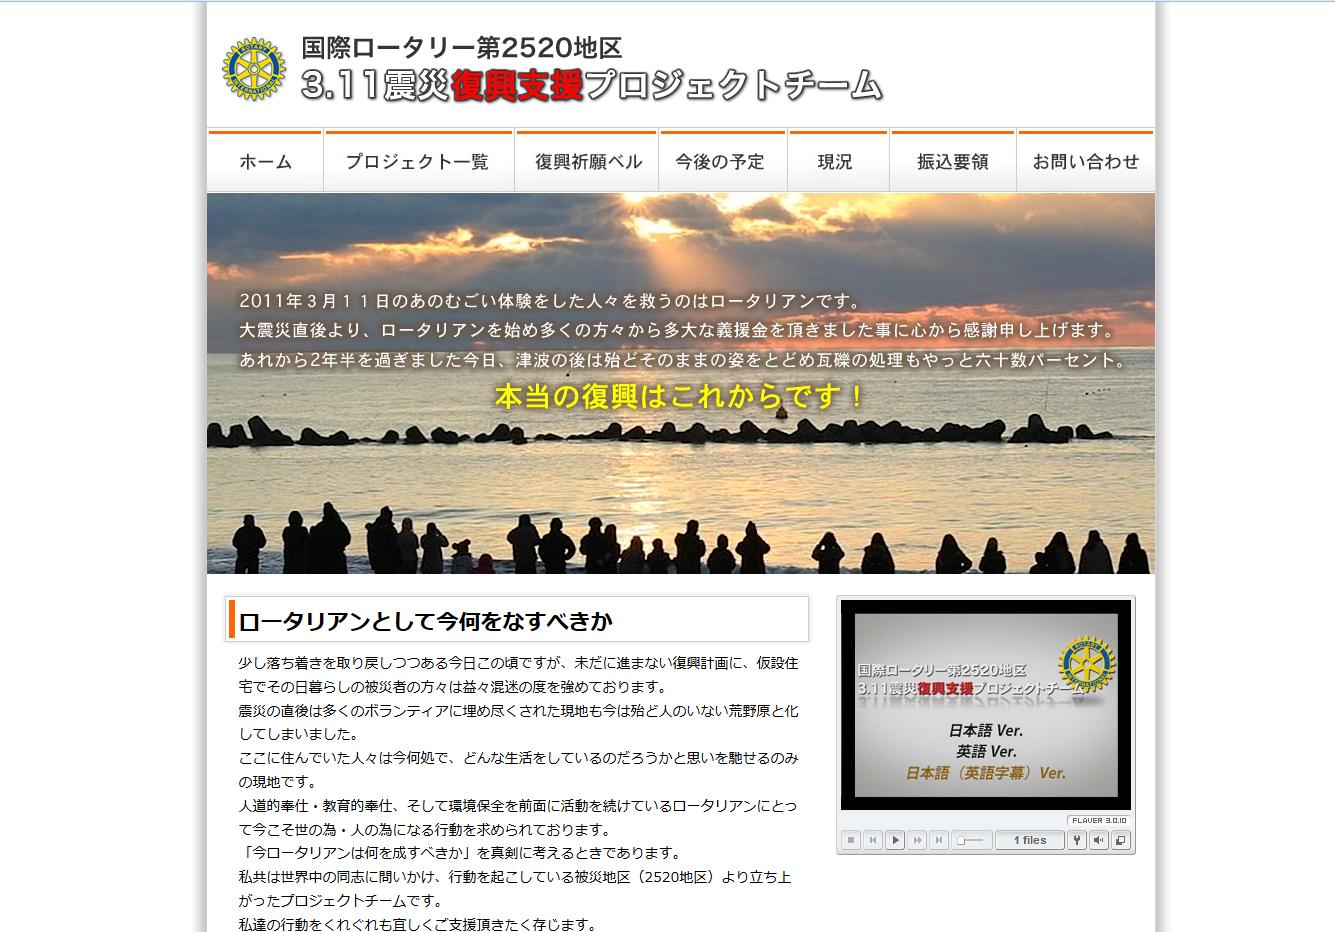 3.11震災復興支援プロジェクトチーム